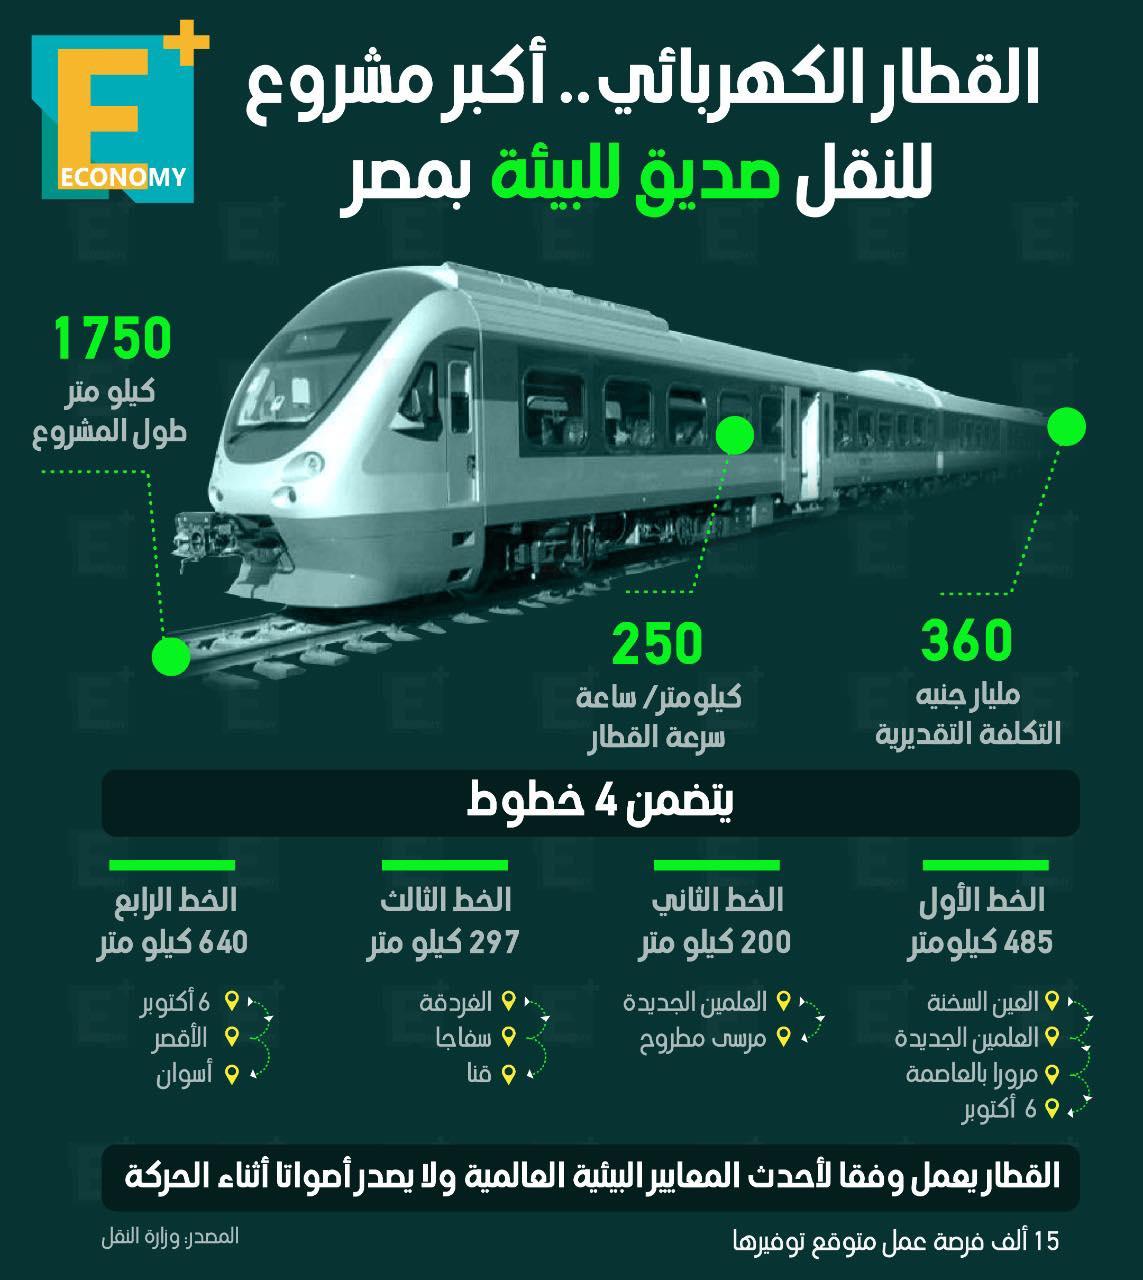 القطار الكهربائي.. أكبر مشروع للنقل صديق البيئة بمصر